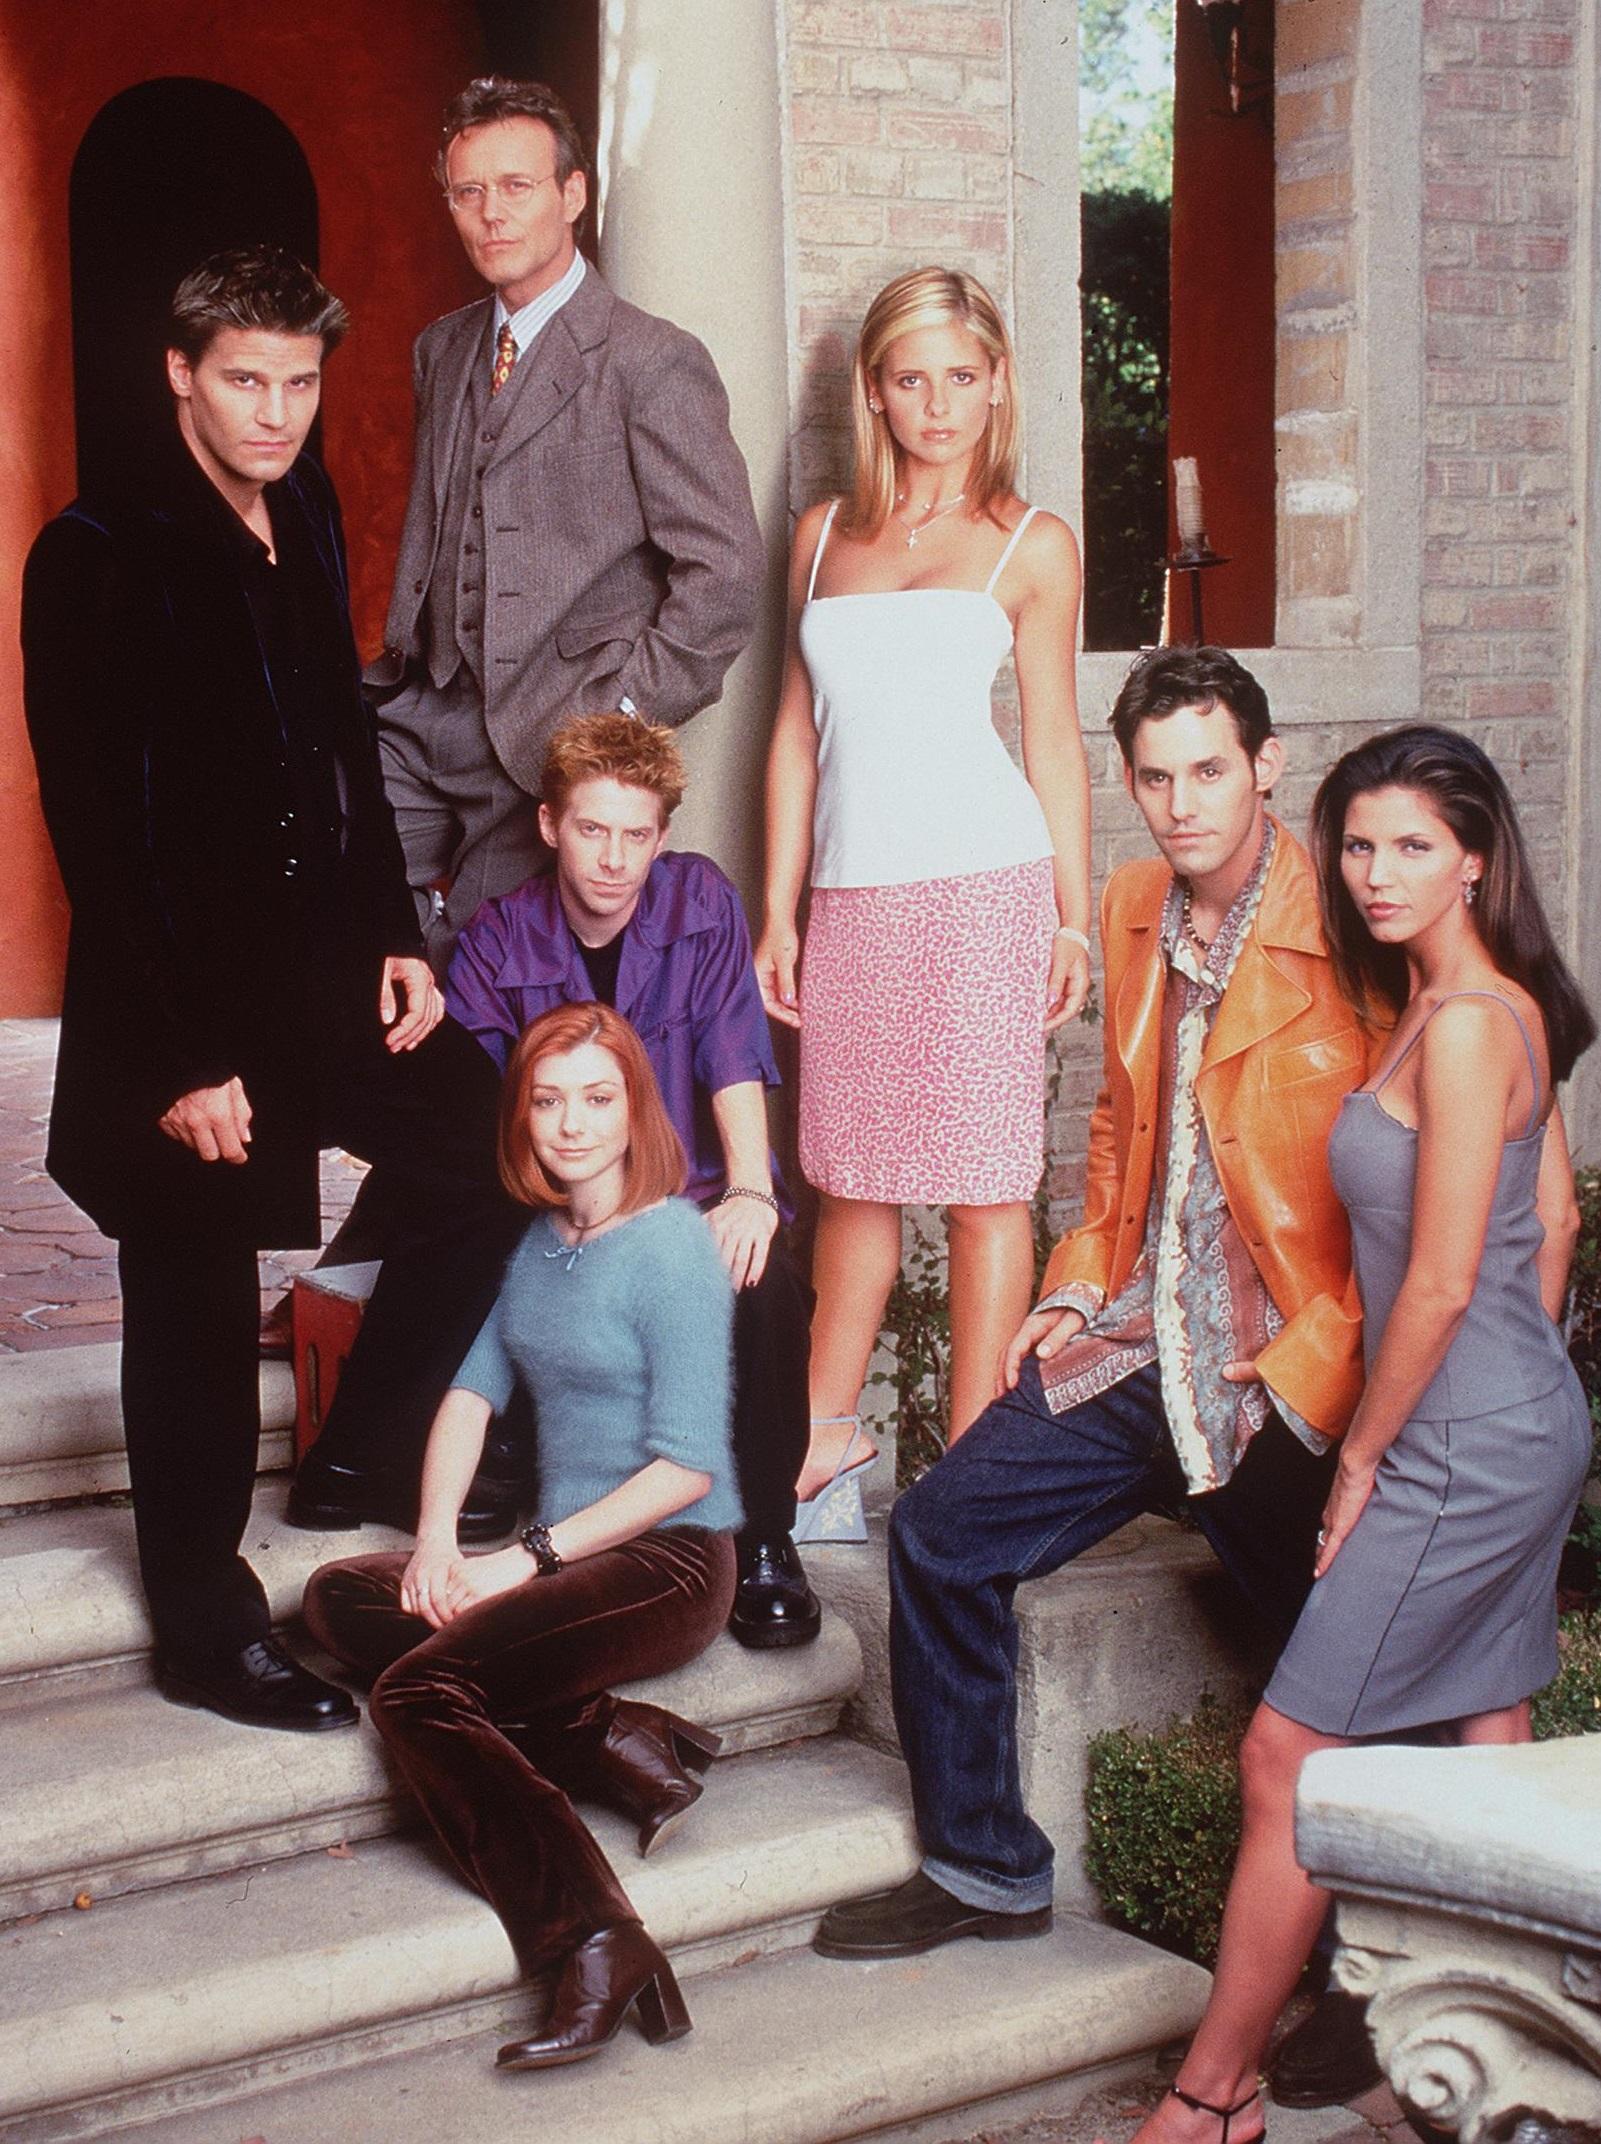 Buffy la vidéo de sexe du corps gratuit Teen Porn Party